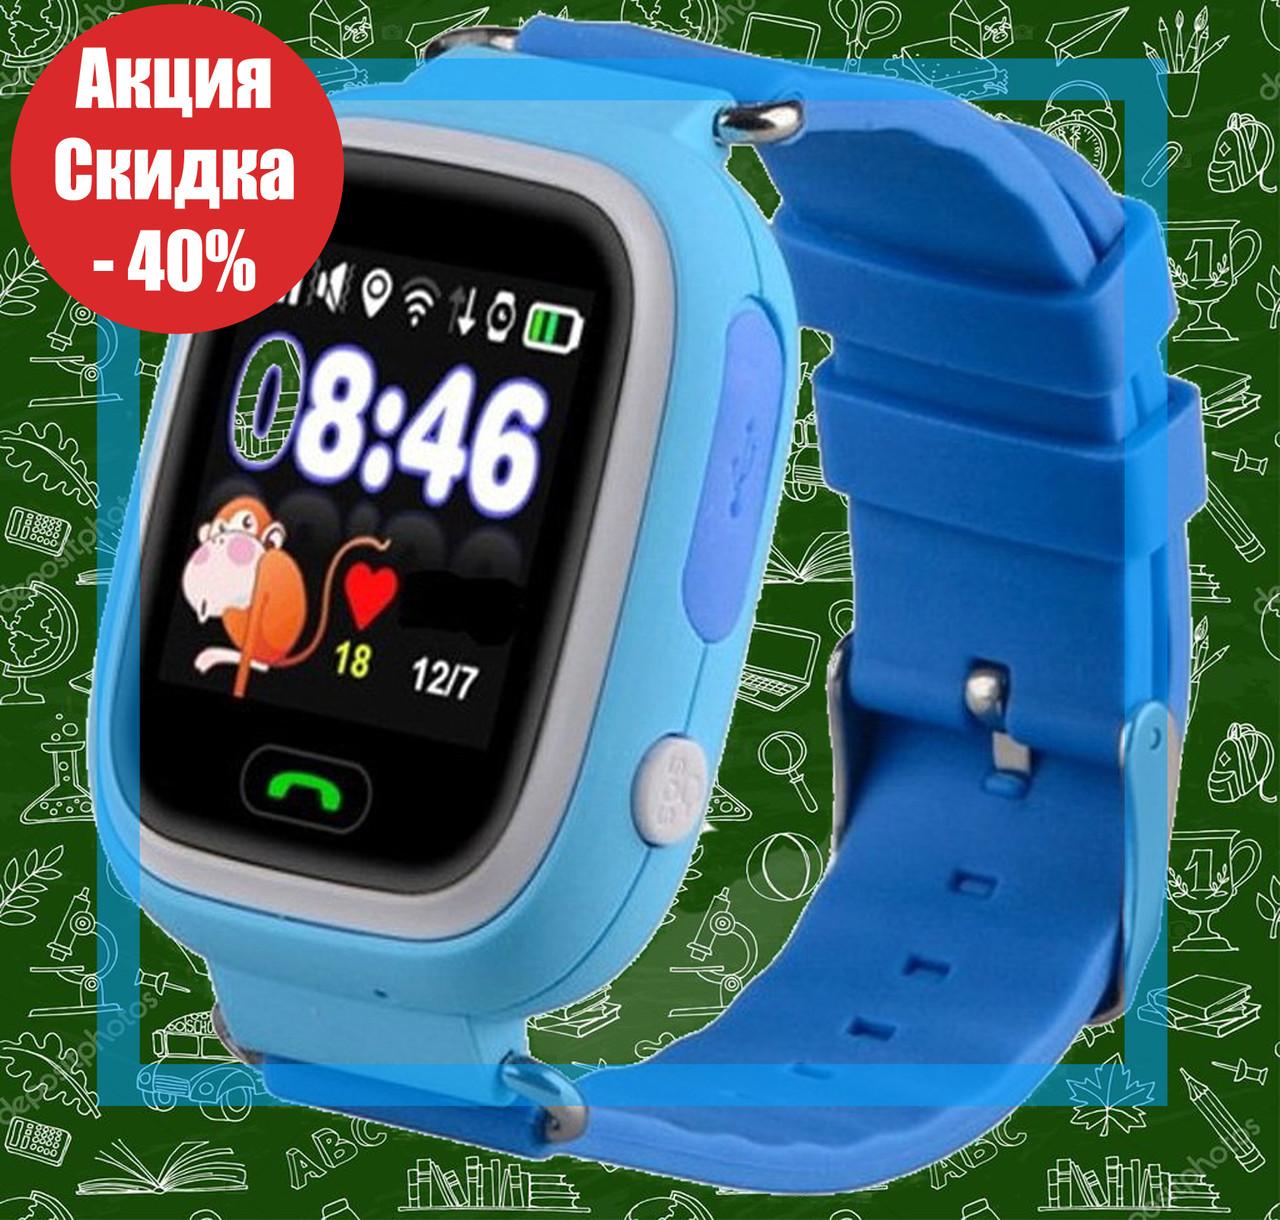 Оригинал! Детские GPS часы Q90 сенсорный цветной дисплей. Бесплатная доставка + подарок